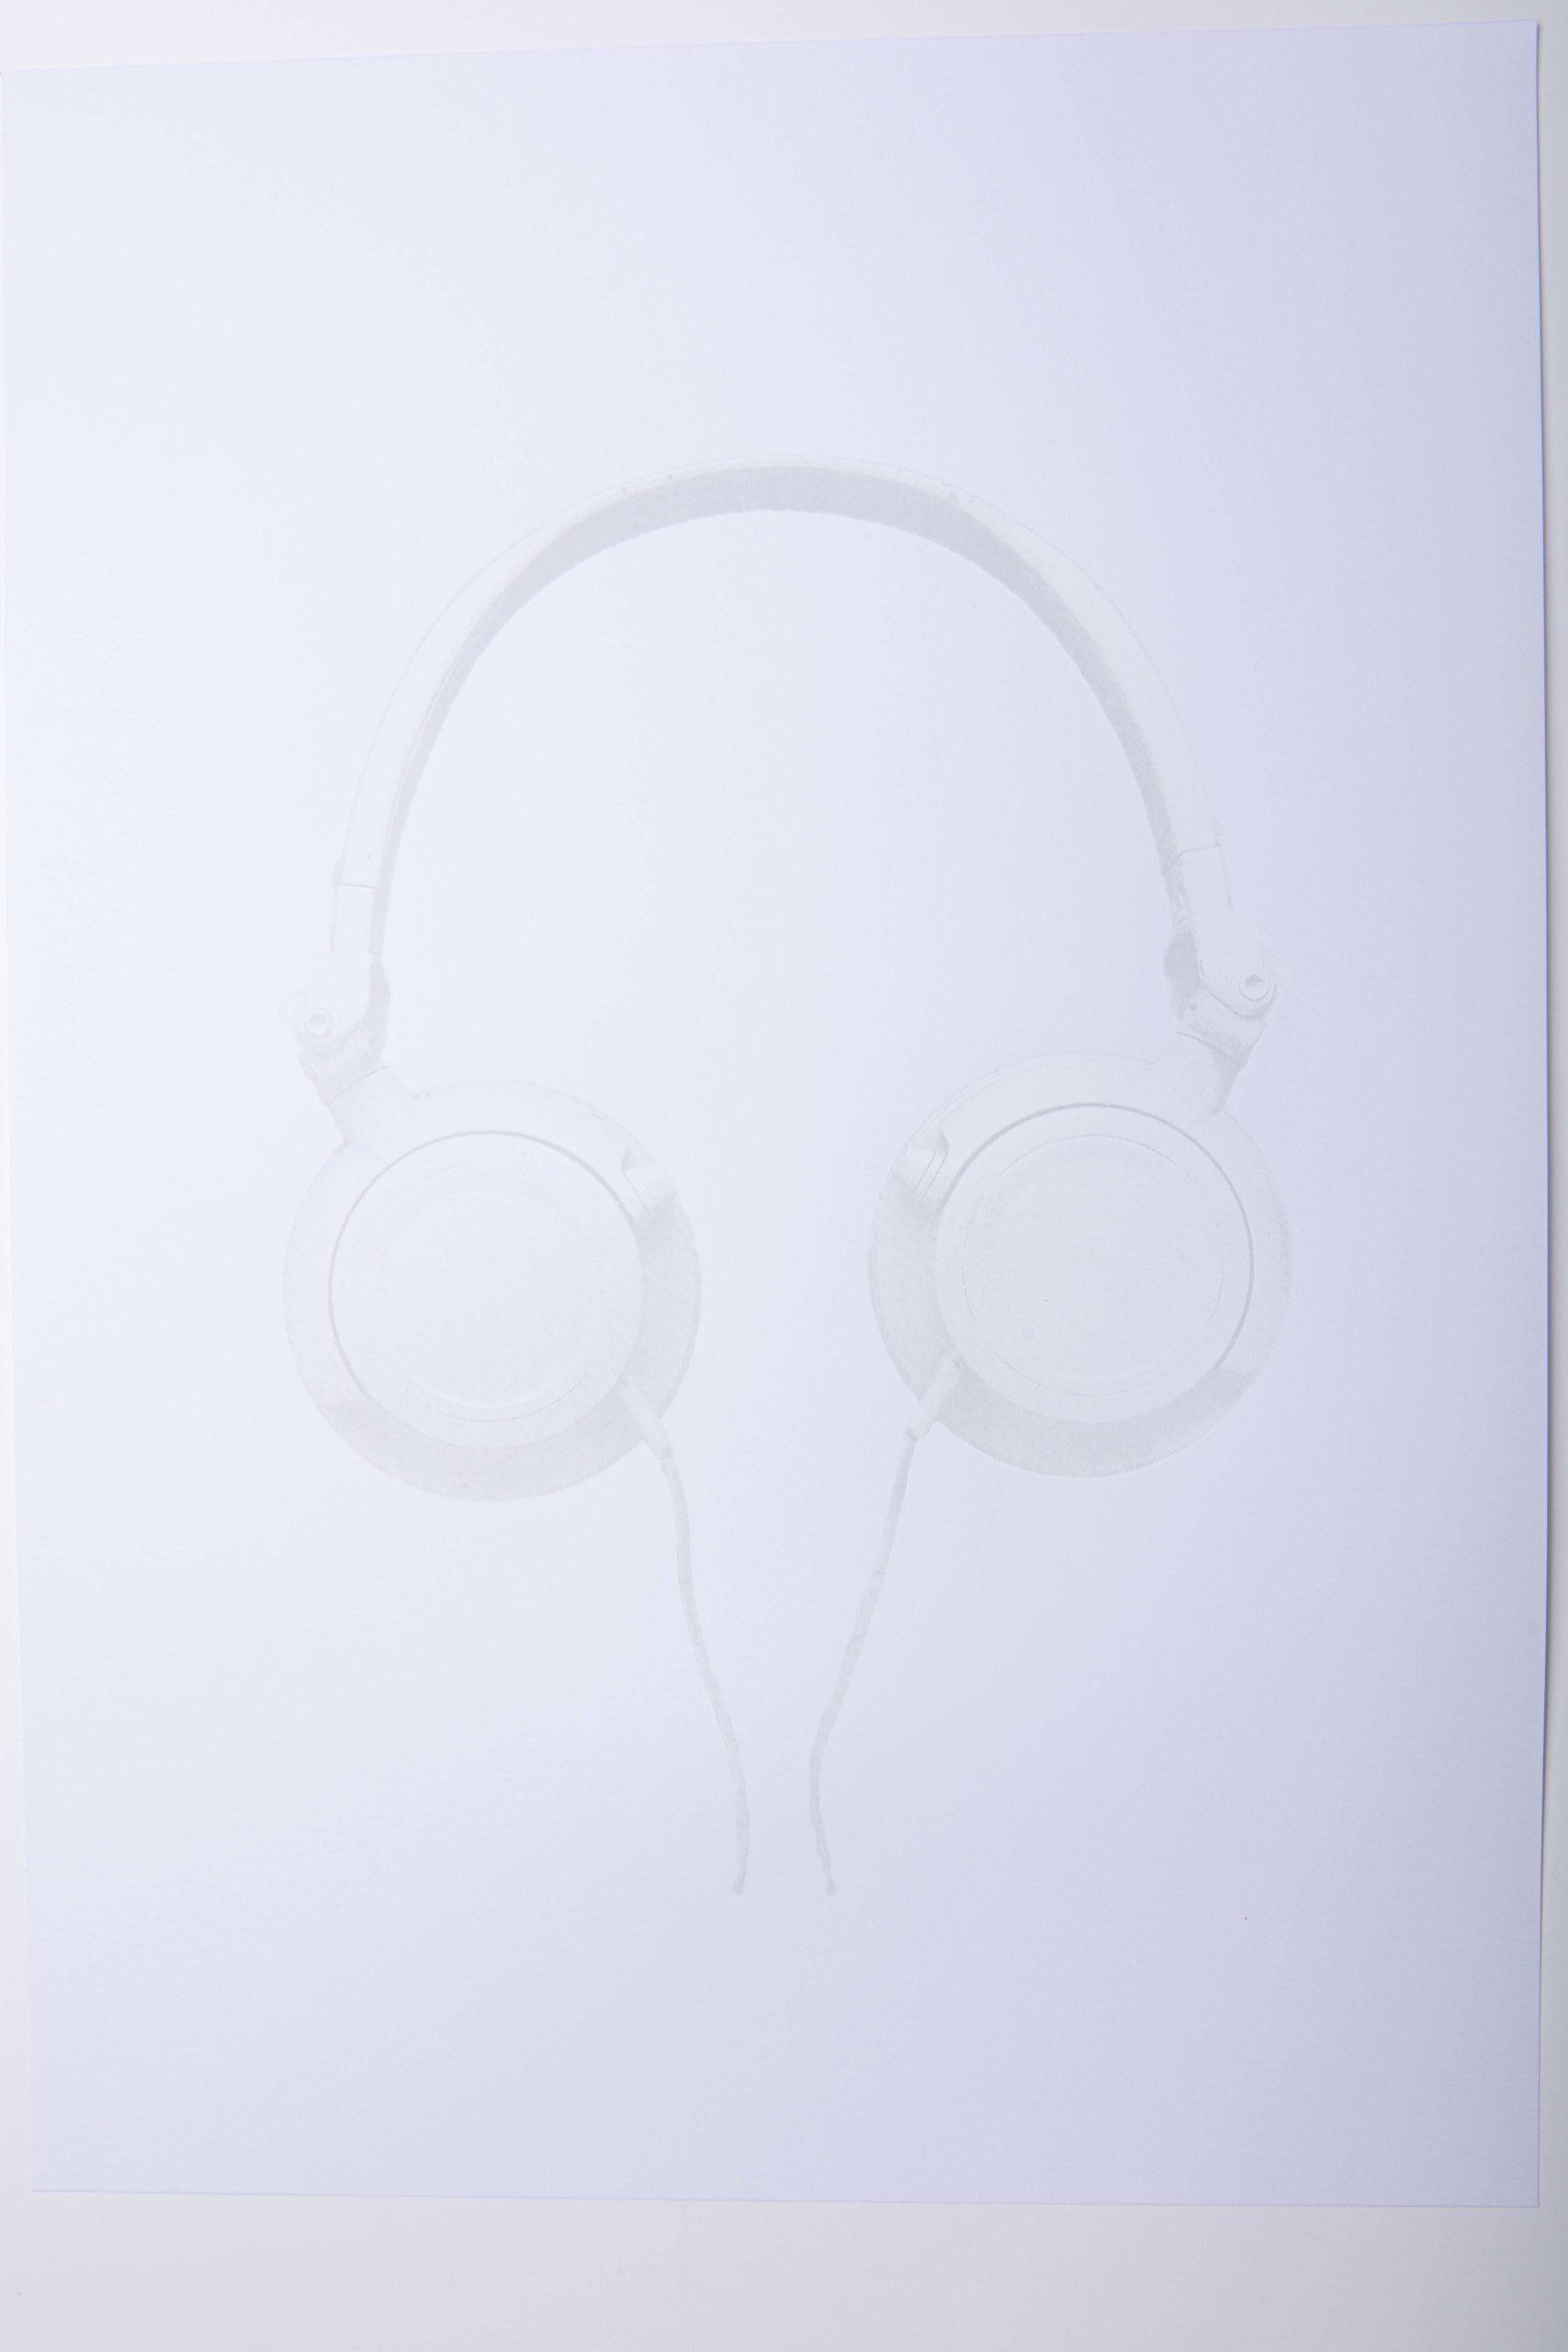 HipHopEmergedHeadphones2-scaled